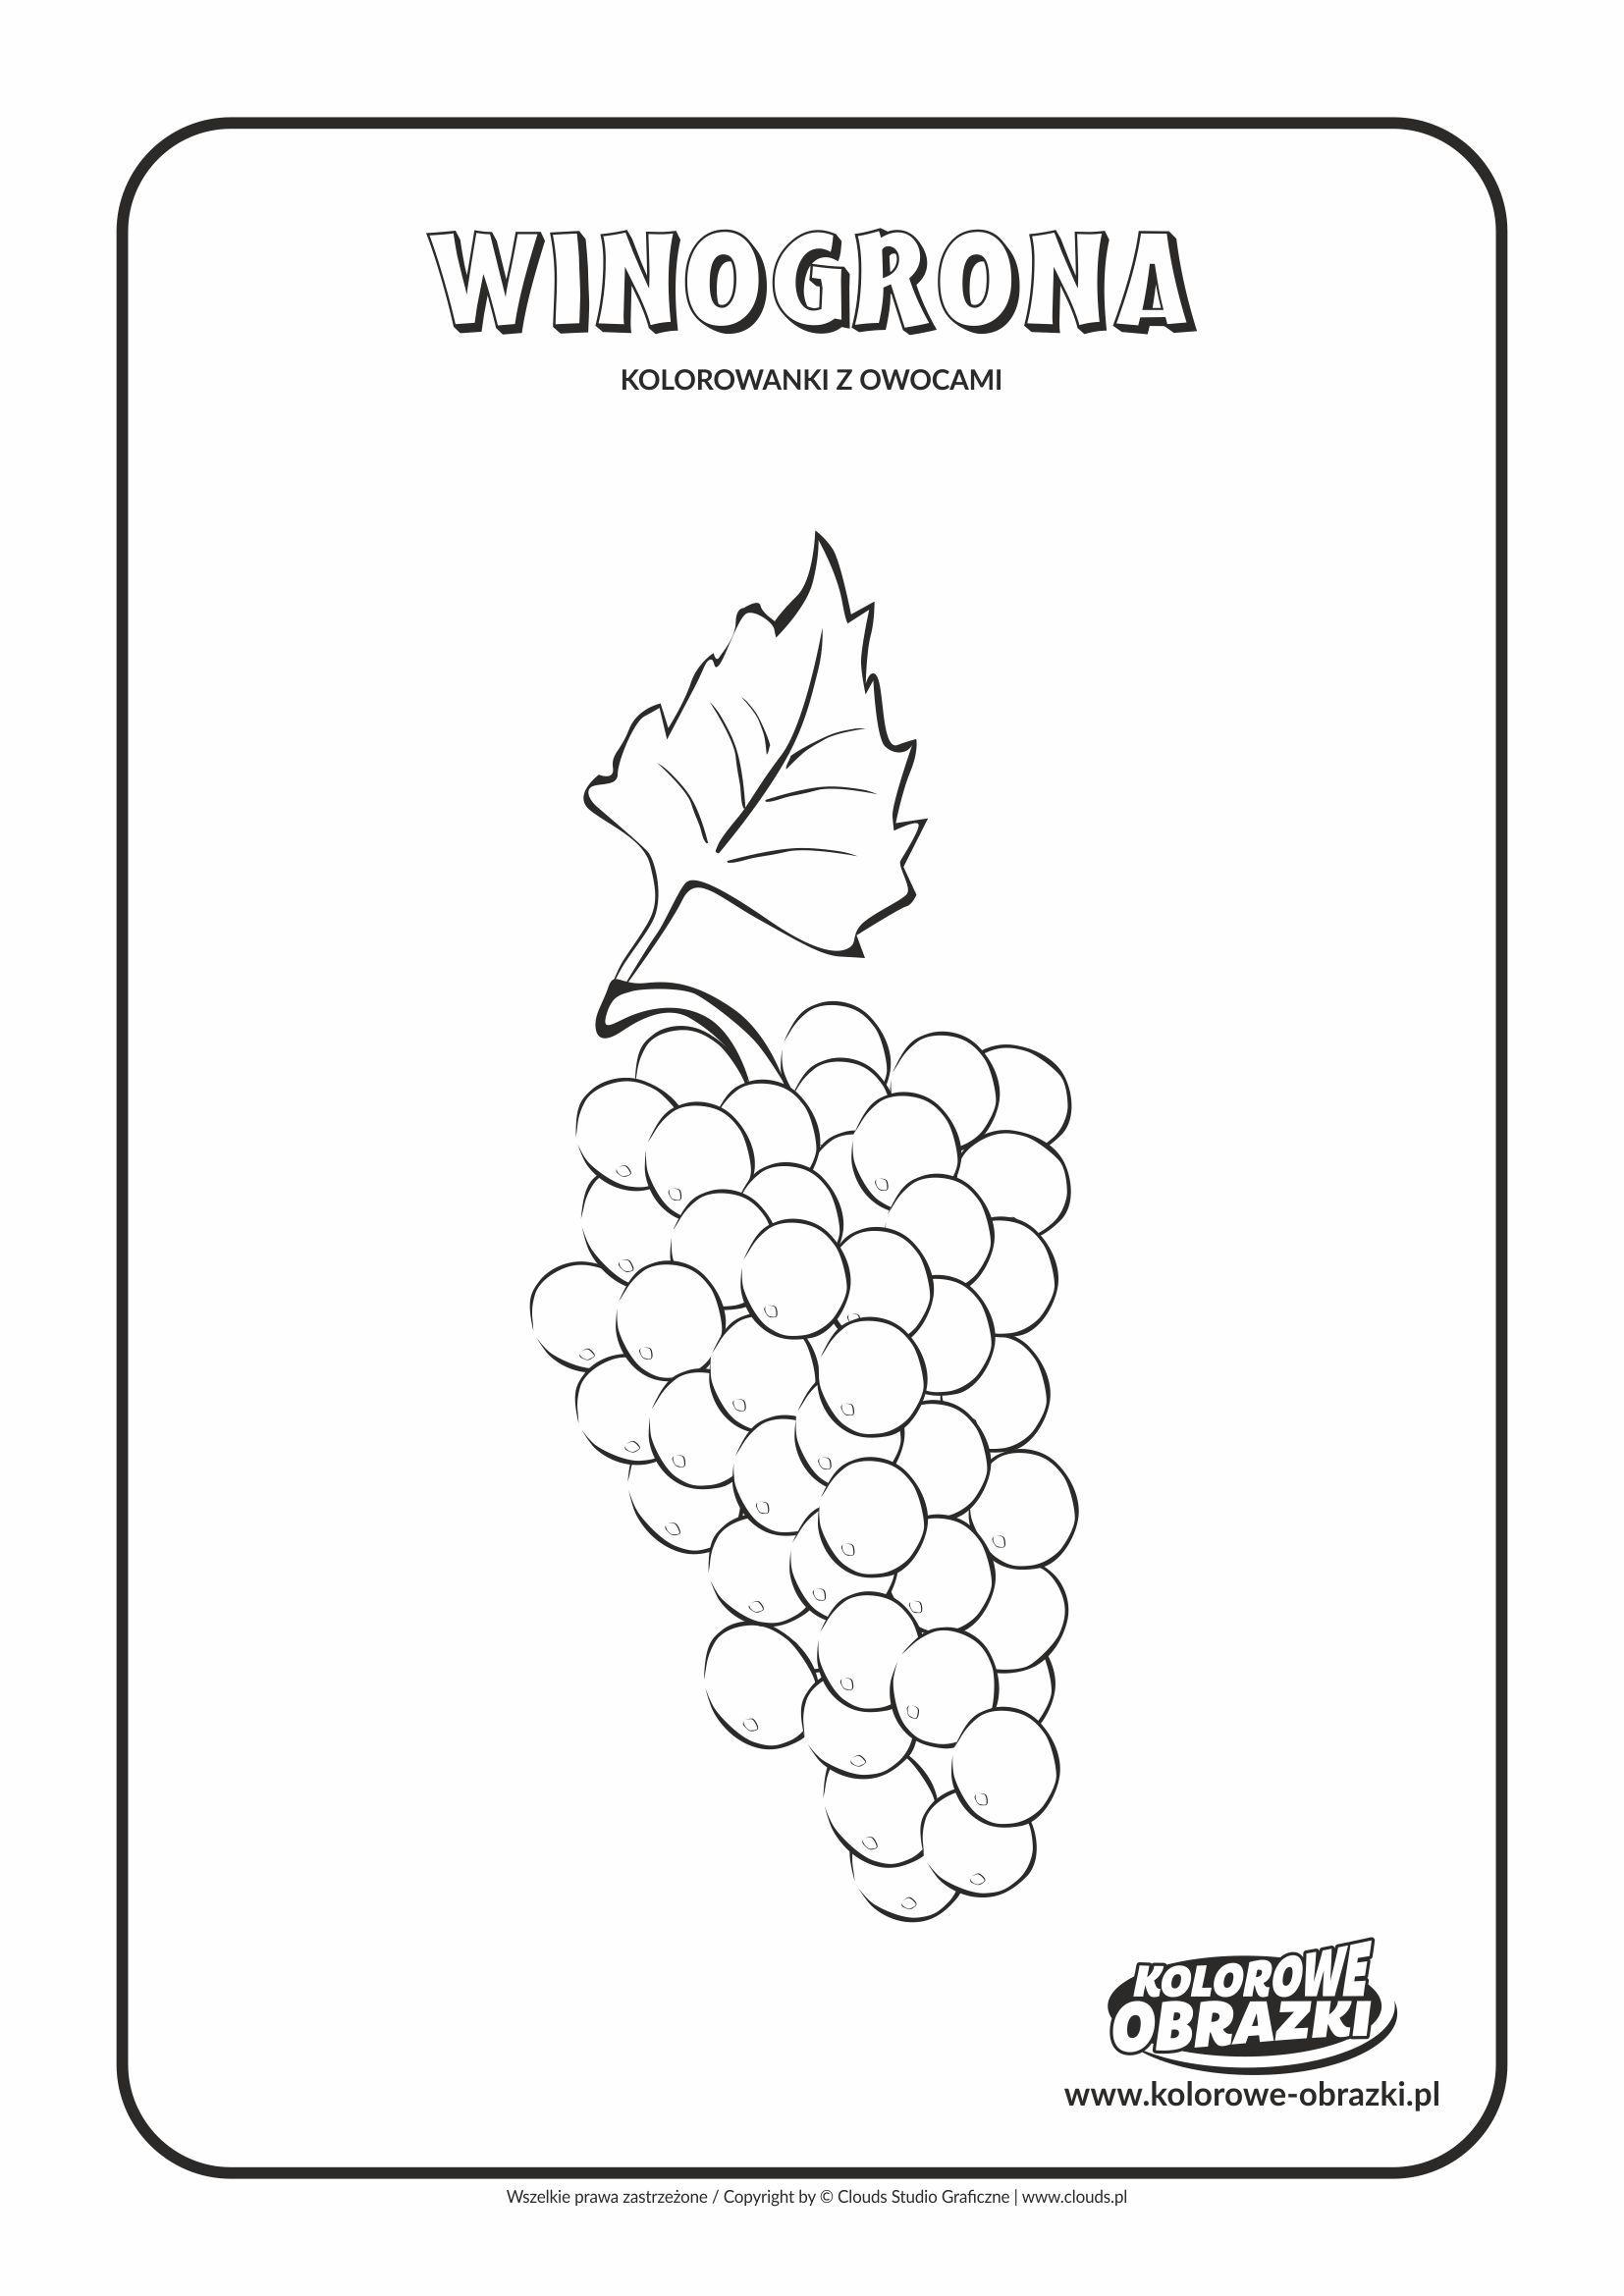 Winogrona Kolorowanki Owoce Kolorowanki Dla Dzieci Words Word Search Puzzle